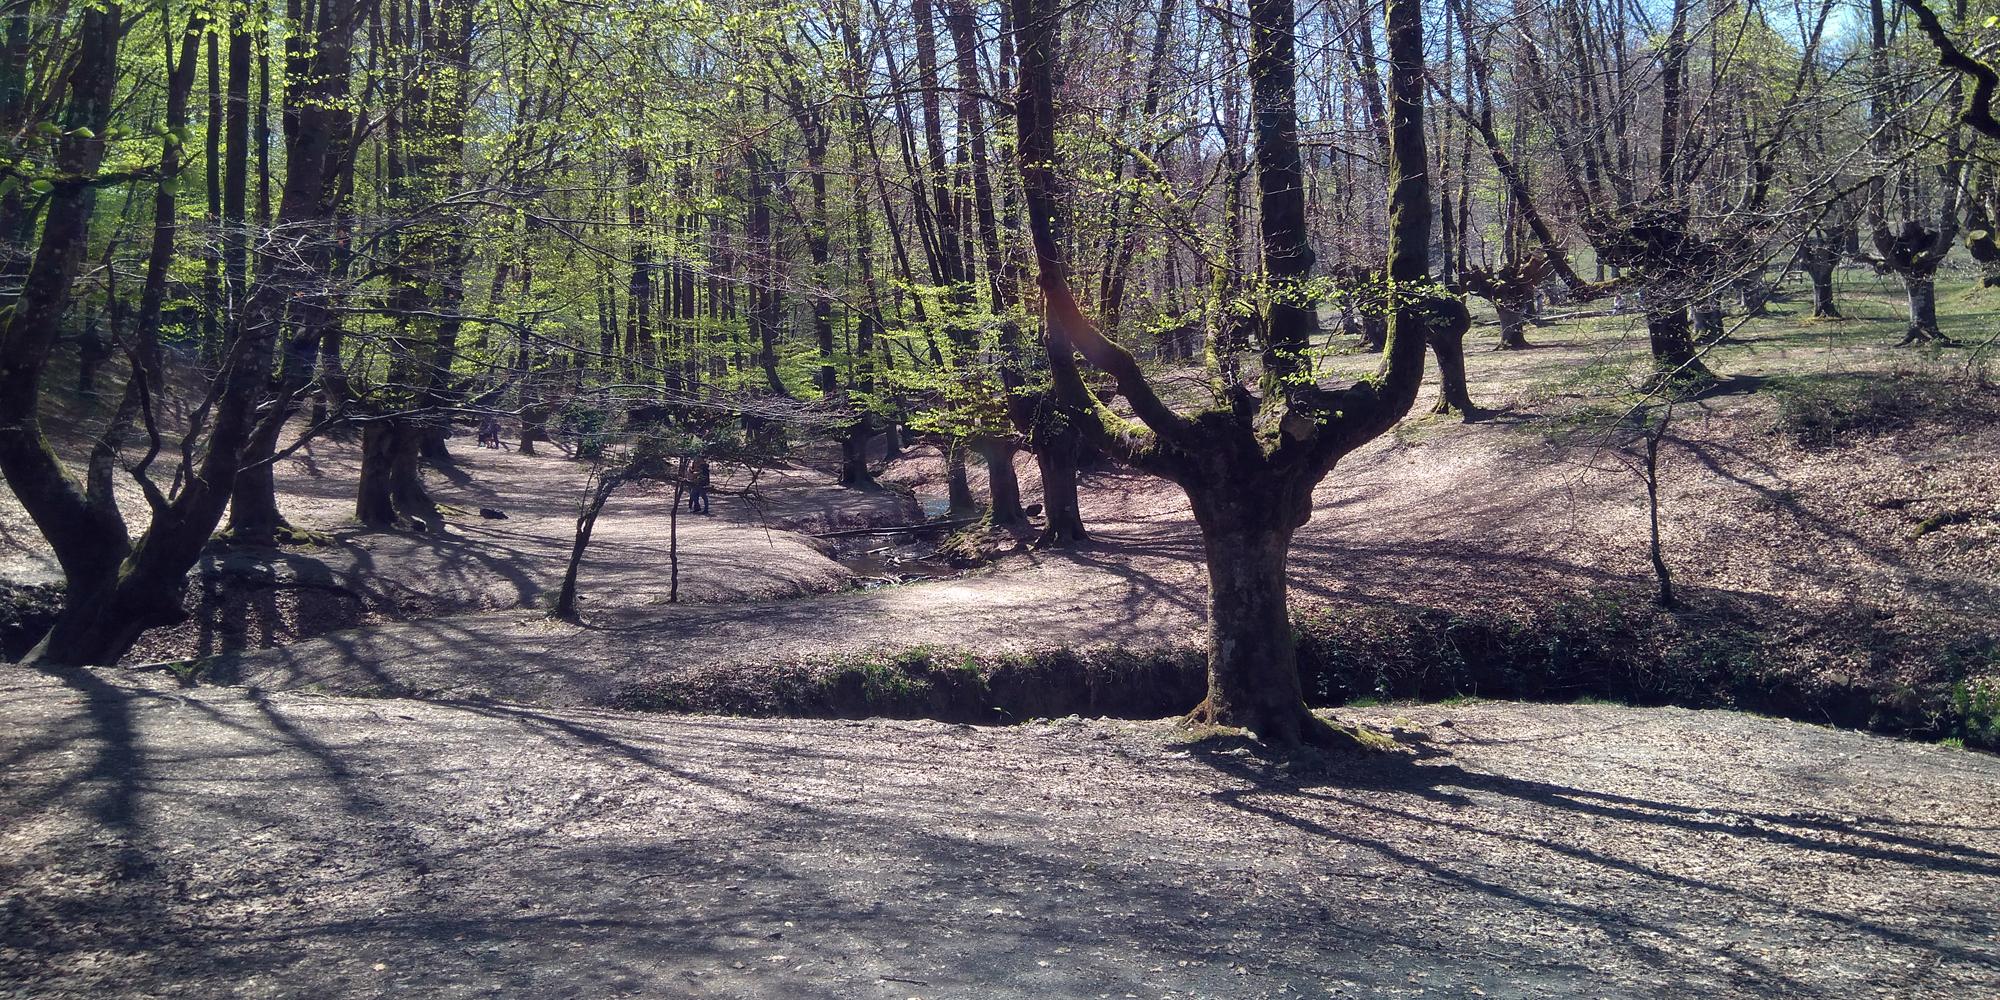 Hayedo de Otzarreta en el Parque Natural de Gorbeia (Bizkaia)